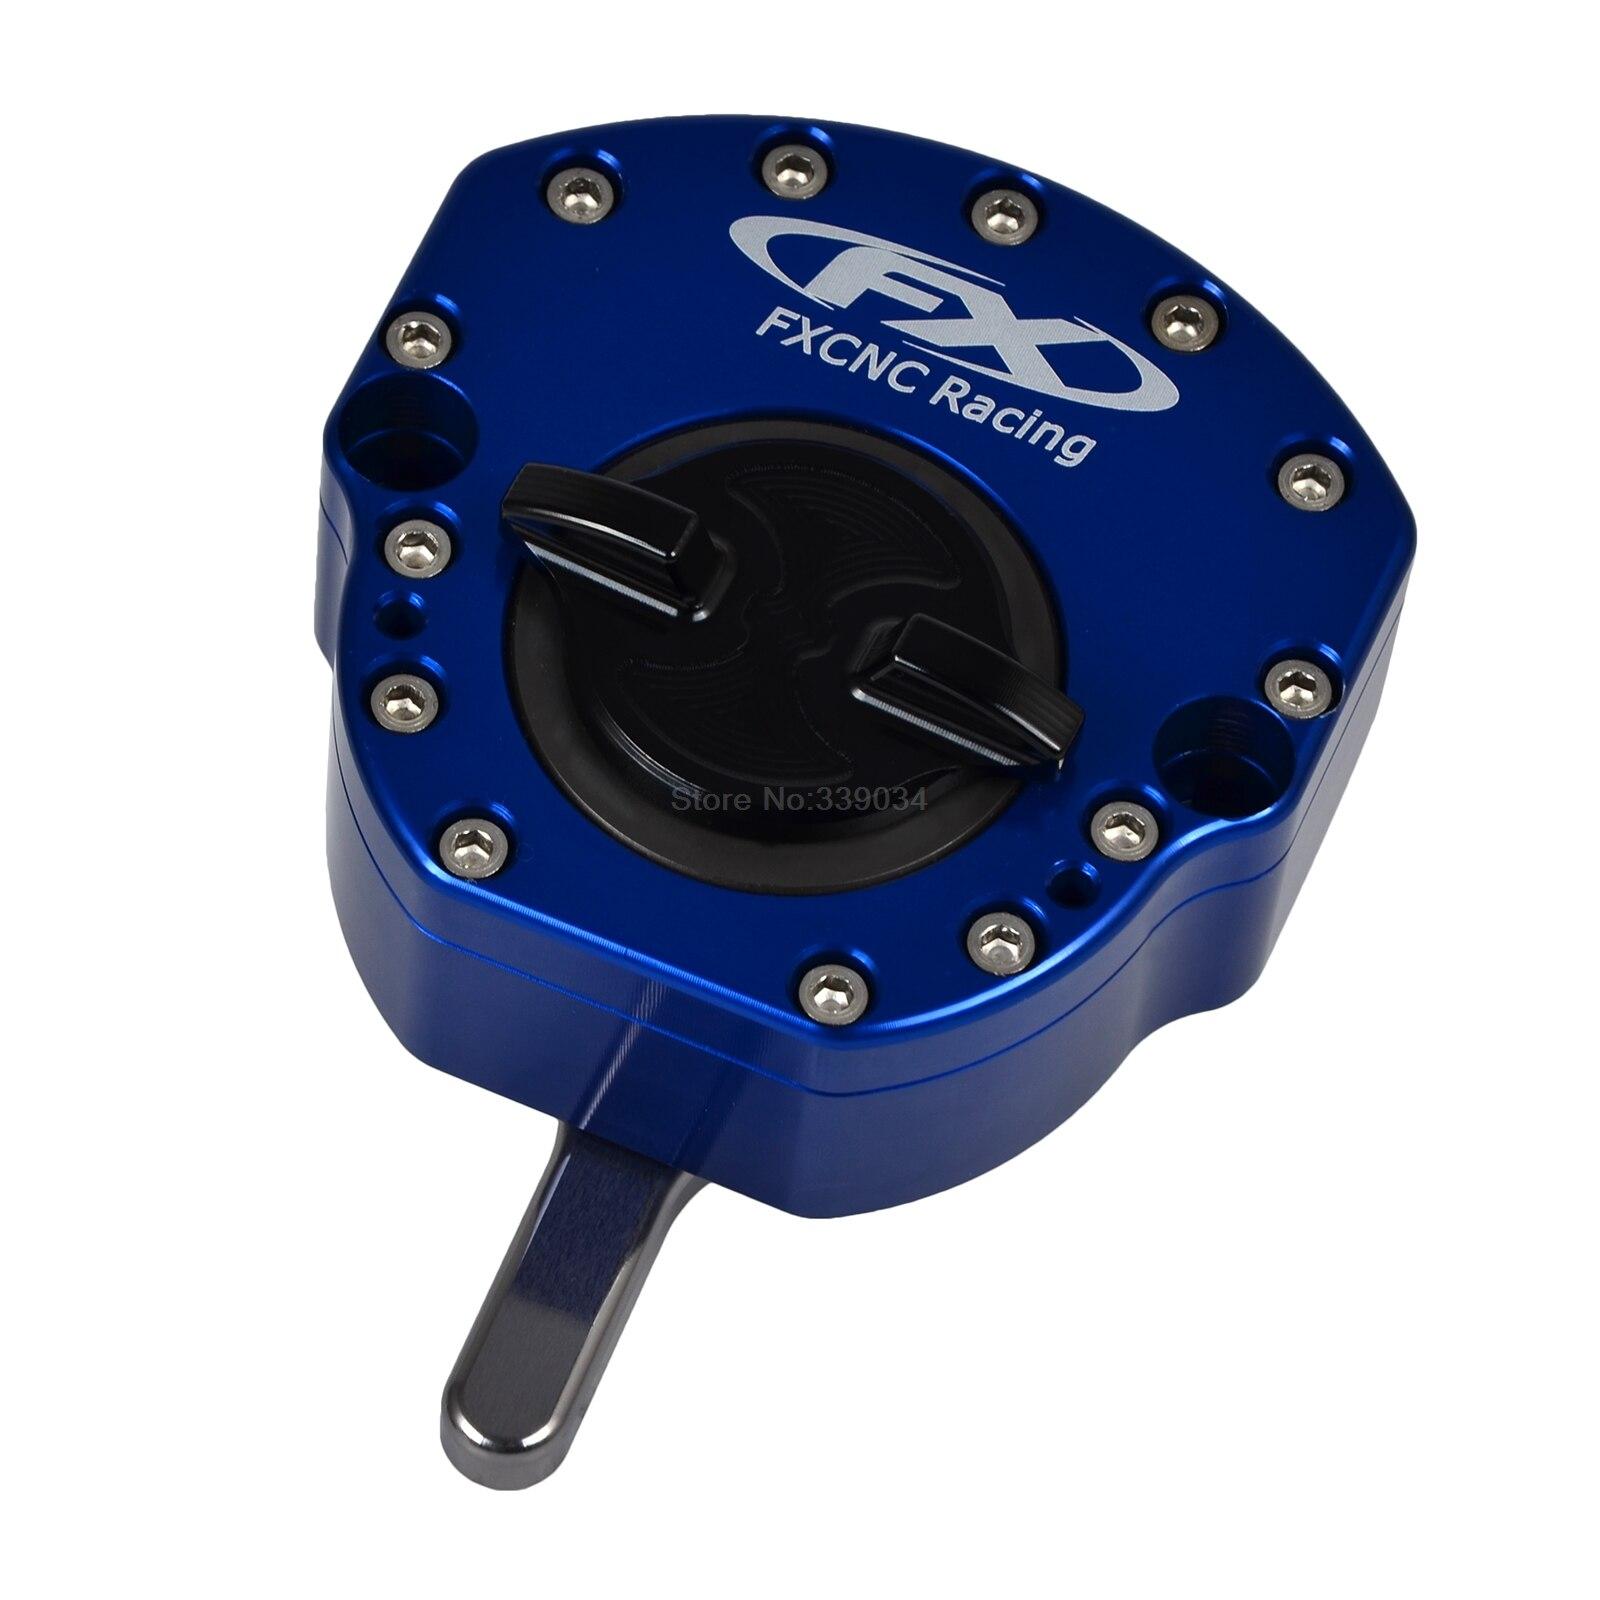 NICECNC Steering Damper For Yamaha R1 R3 R6 R25 FZ1 FZ-09 FZ09 R6s Kawasaki ZX6R ZX10R ZX14R EX250R EX300R Ninja ZX636/RR MV F4 цена